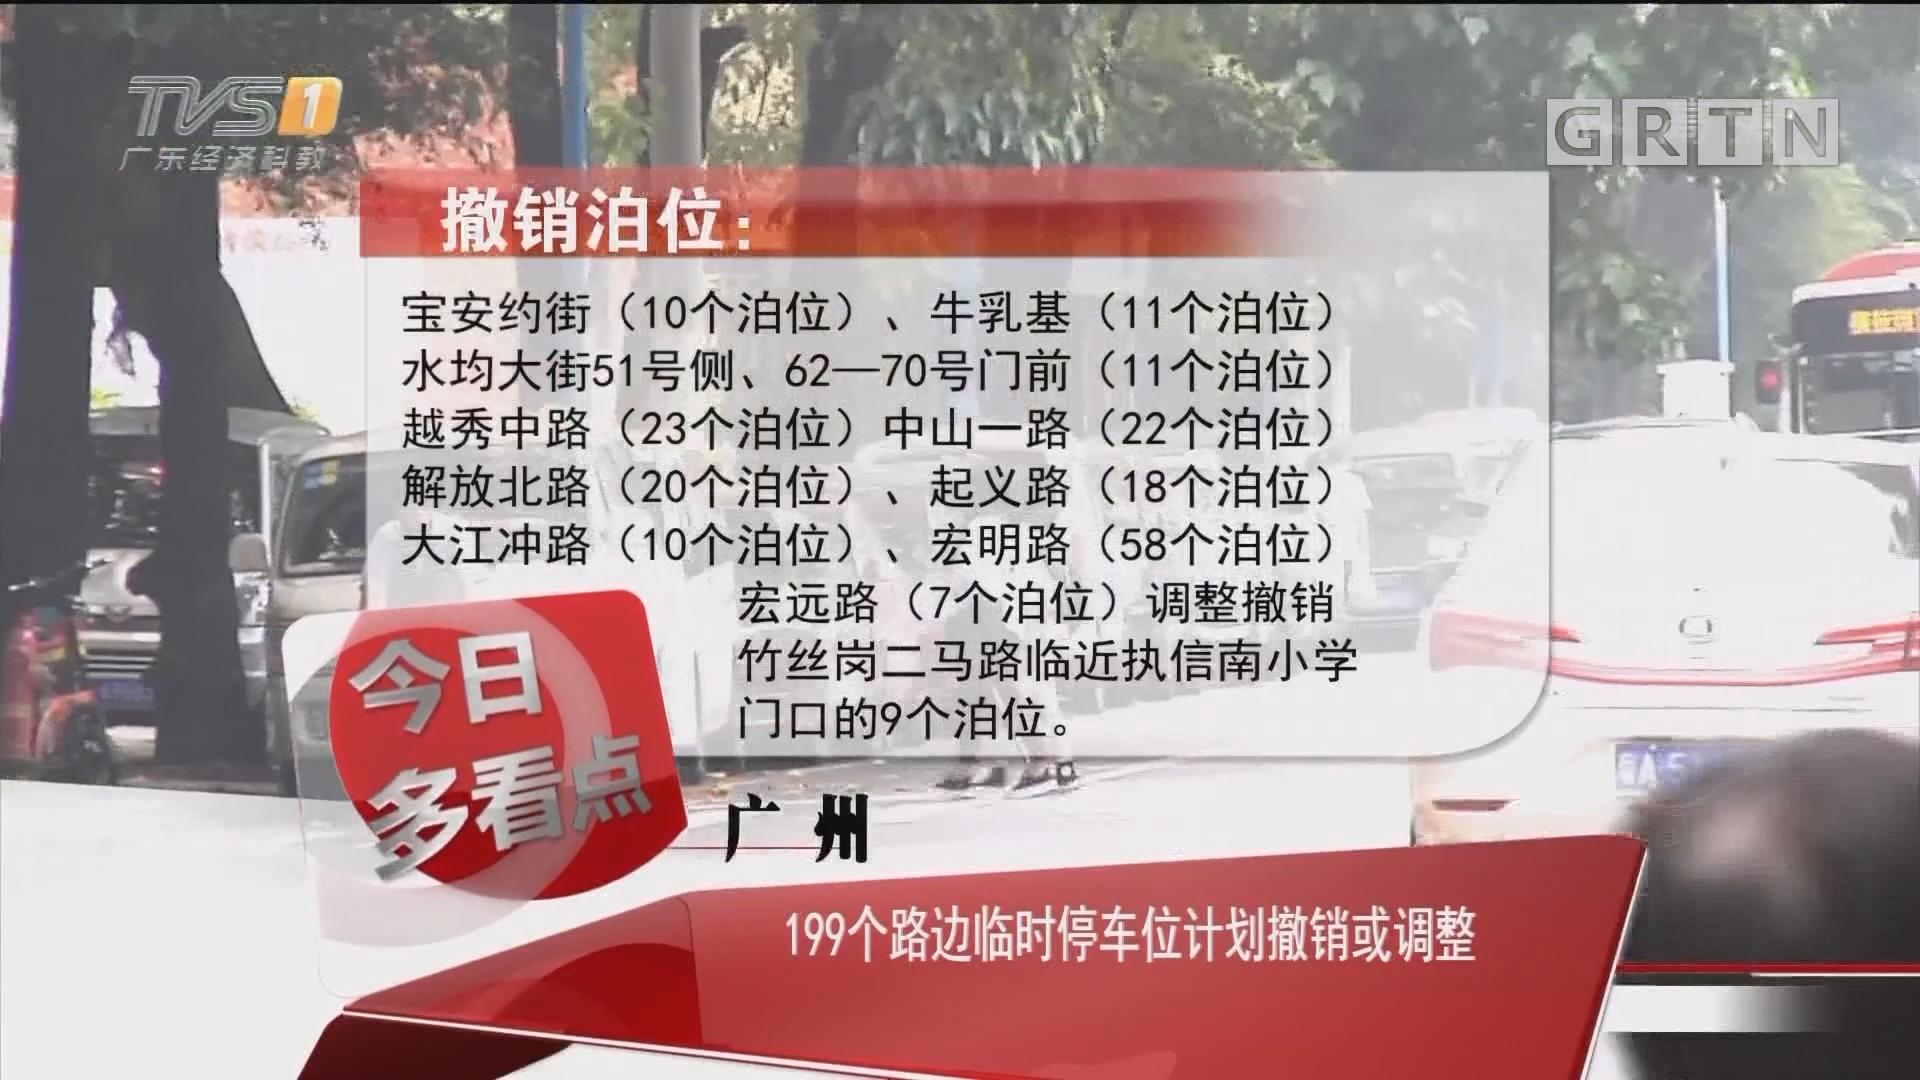 广州:199个路边临时停车位计划撤销或调整